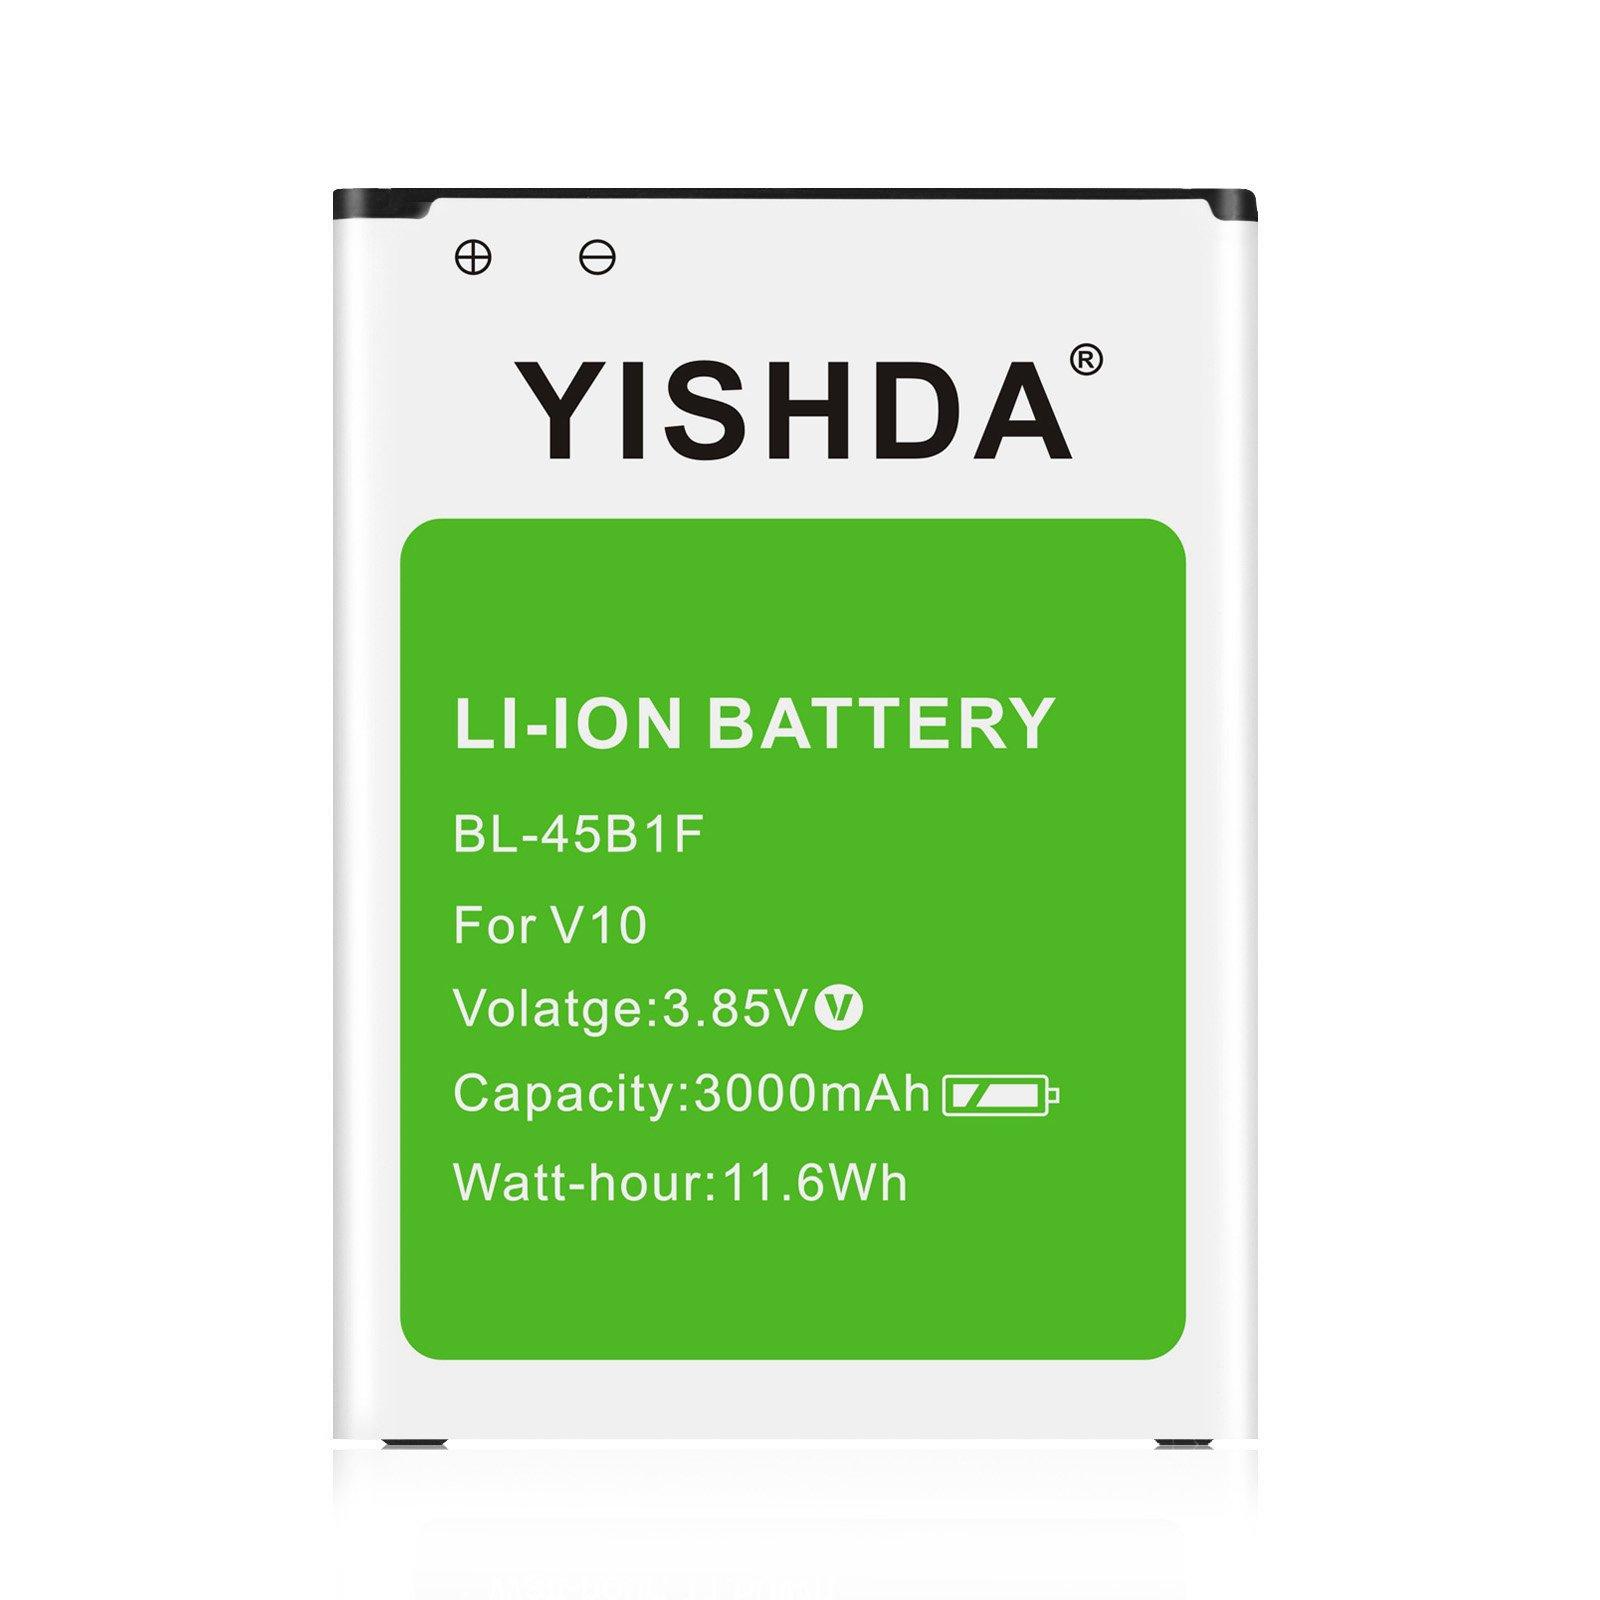 Bateria Celular LG V10 YISHDA 3000mAh Li ion LG BL 45B1F para V10 H961N H960A H900 AT&T VS990 H901 Cell Phones| LG V10 S